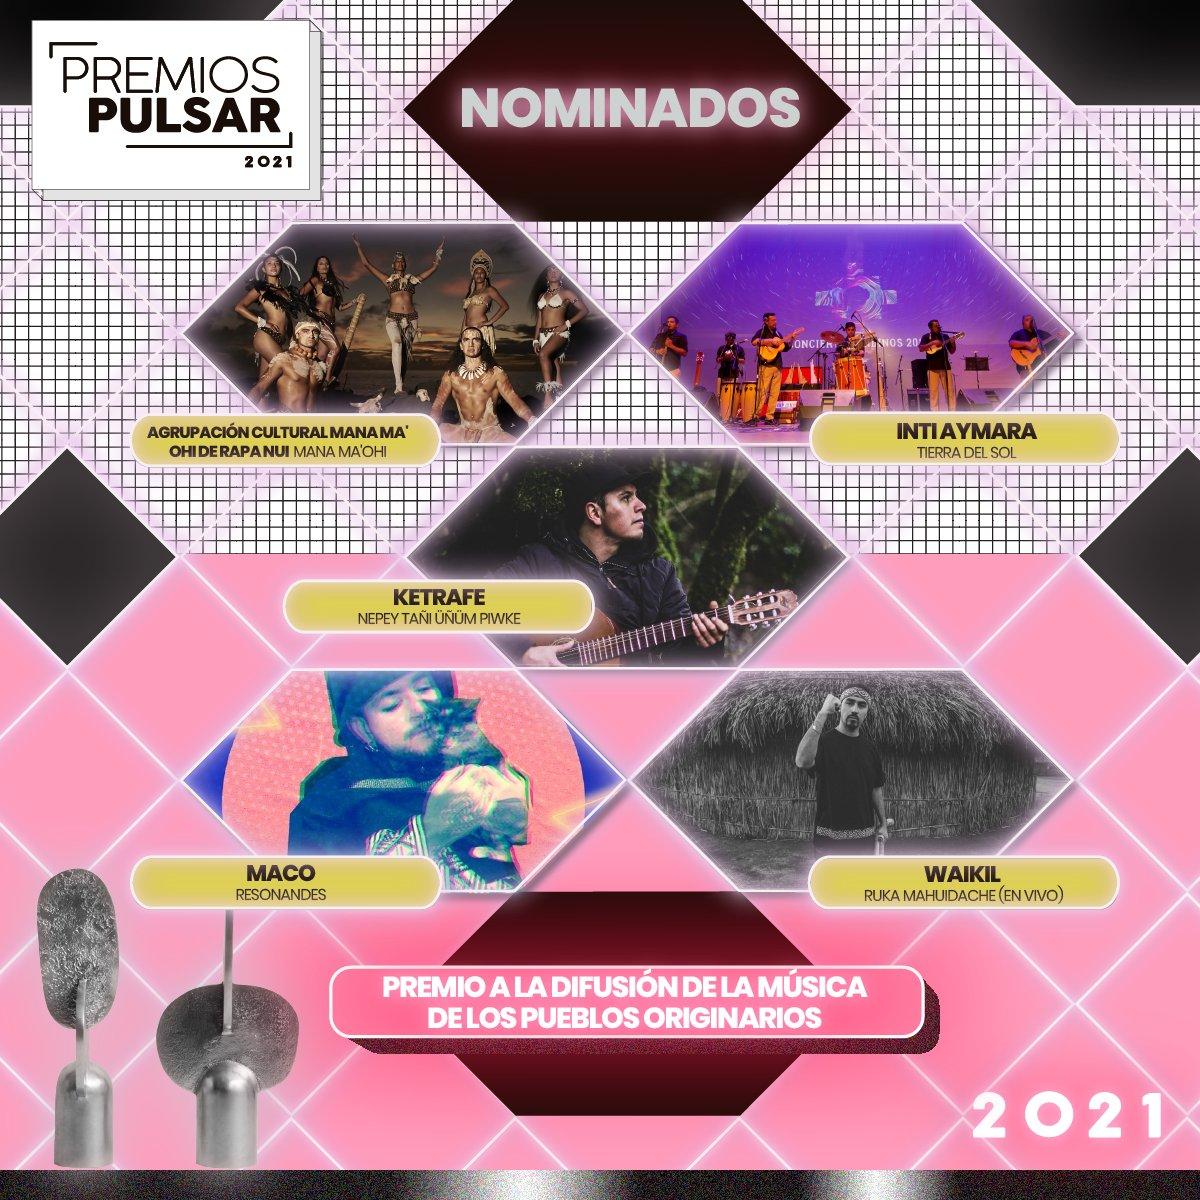 test Twitter Media - 📣 Música popular y proveniente de nuestras raíces: El rescate y difusión de la música de los pueblos originarios de Chile es fundamental en esta categoría #PremiosPulsar2021 🎶 +Detalles en https://t.co/nqRoq56kEM https://t.co/QksKwgT48O